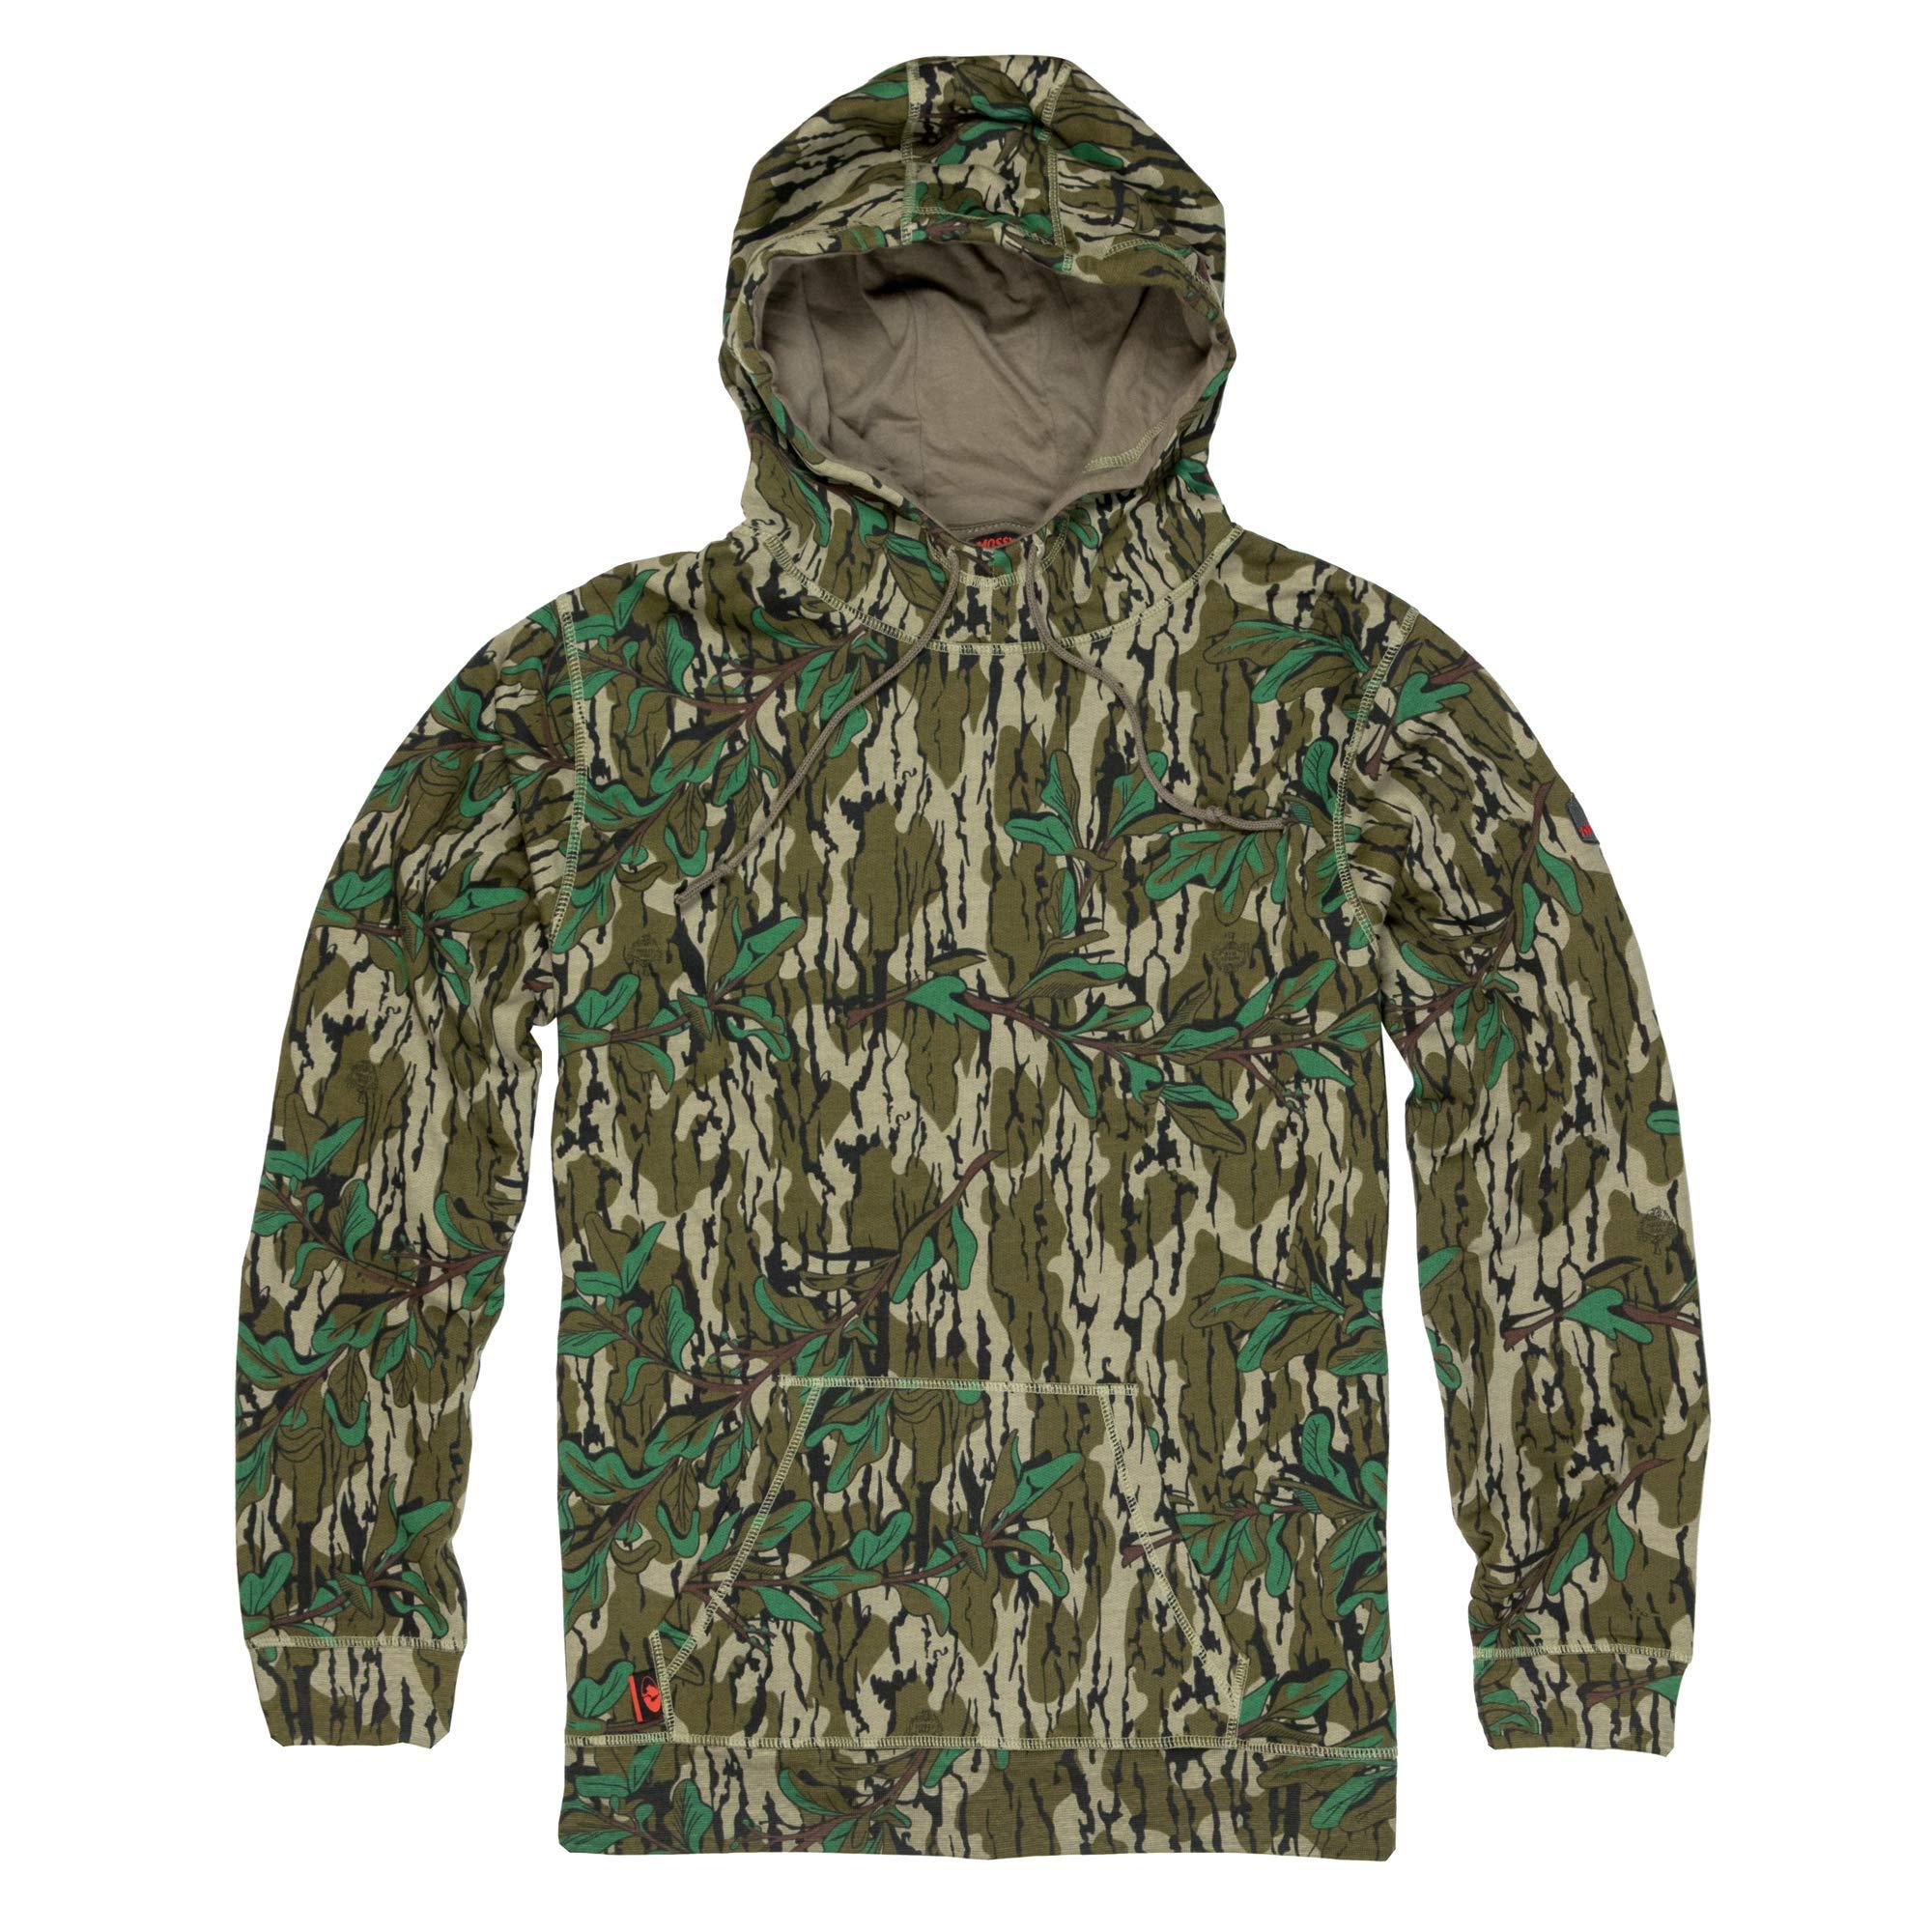 Mossy Oak Camo Hoodie for Men Hunting Hoodies Vintage